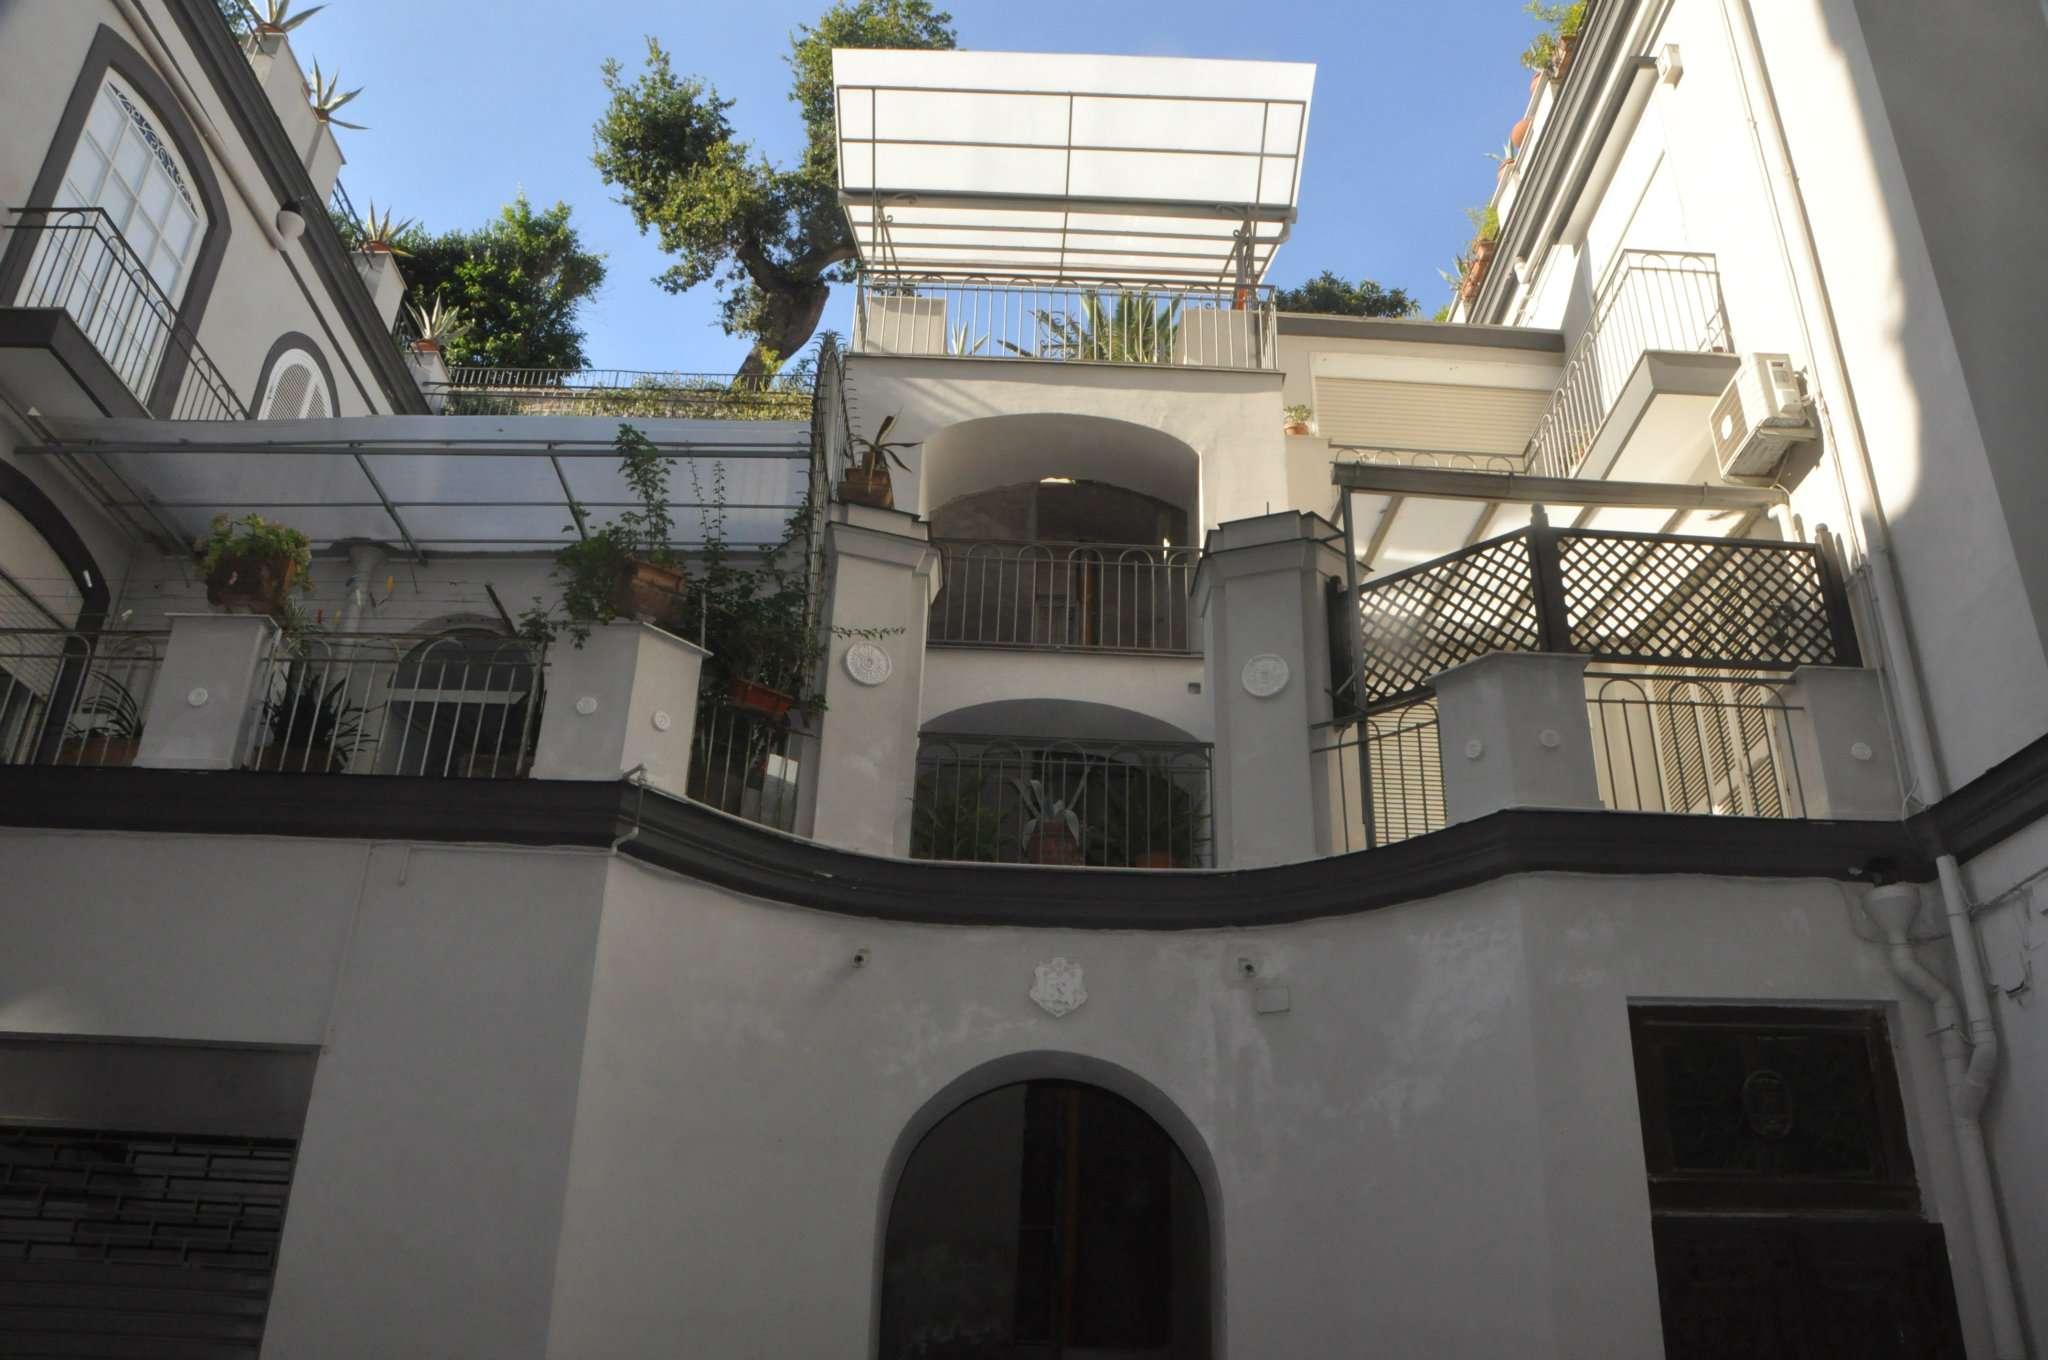 Appartamento in vendita napoli via posillipo for Vendita immobili da privati